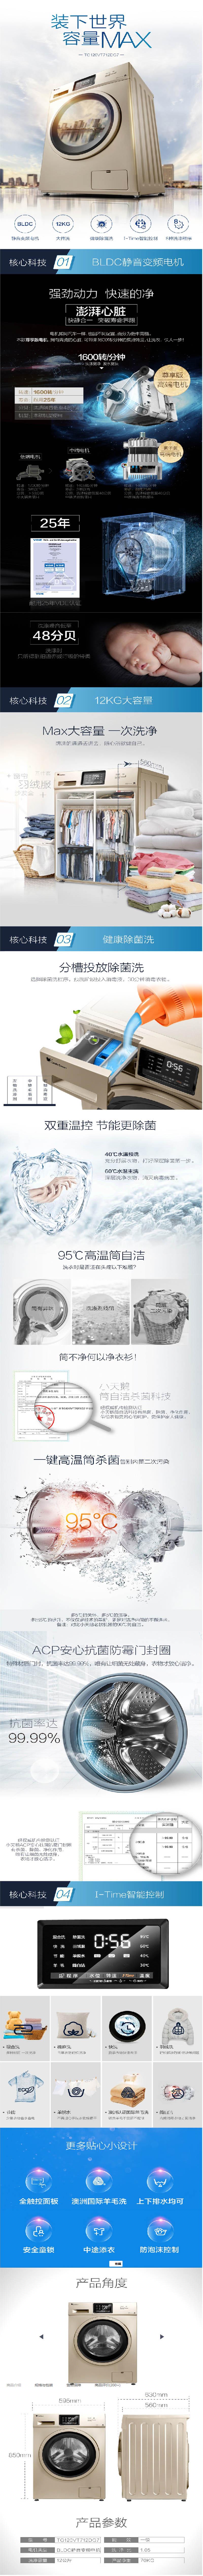 小天鹅 (LittleSwan)TG120VT712DG7 12公斤变频滚筒全自动家用洗衣机